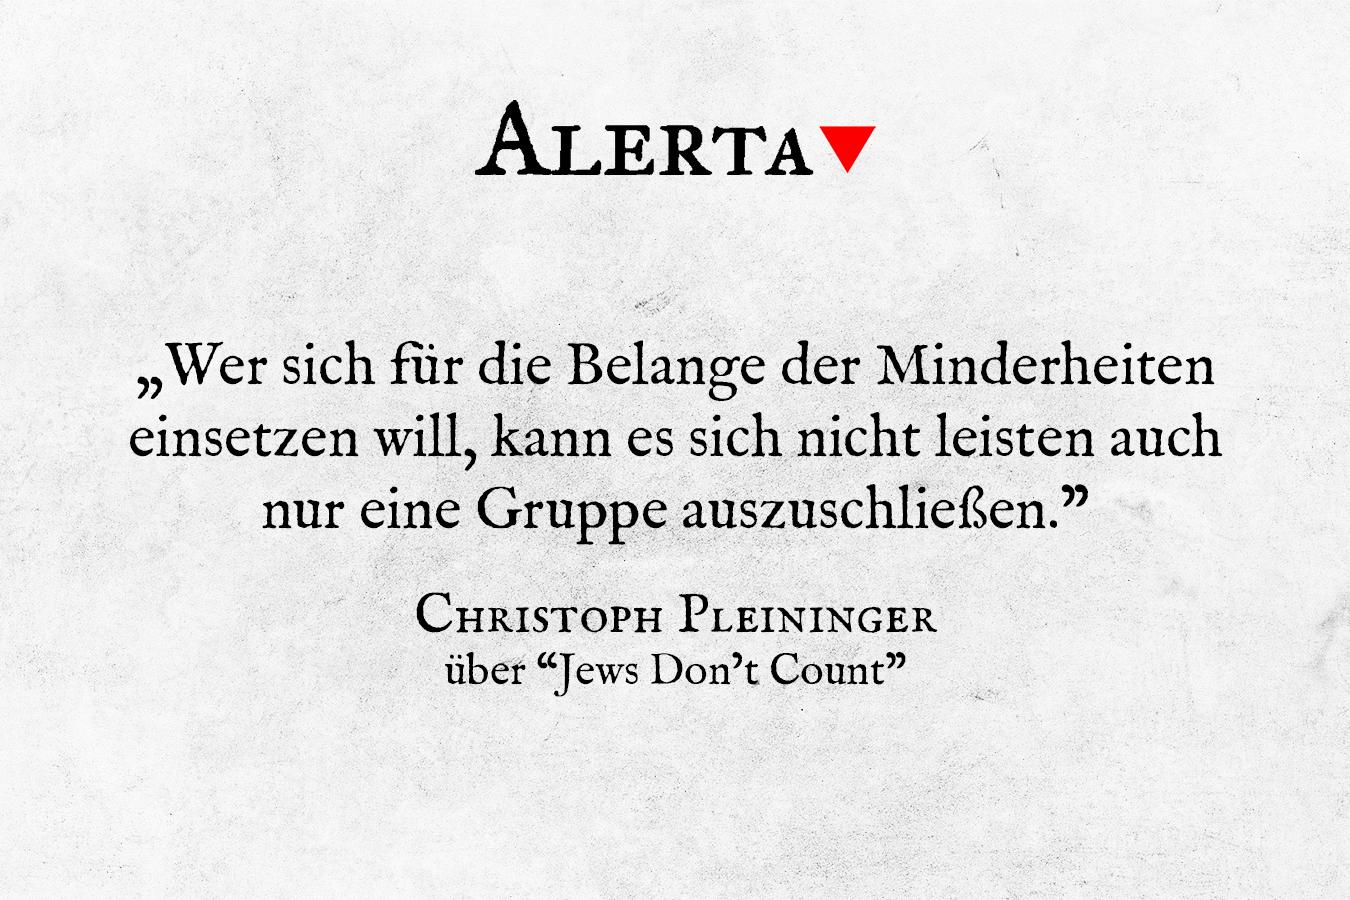 """""""Wer sich für die Belange der Minderheiten einsetzen will, kann es sich nicht leisten auch nur eine Gruppe auszuschließen."""" sagt Christoph Pleininger über """"Jews Don't Count"""""""